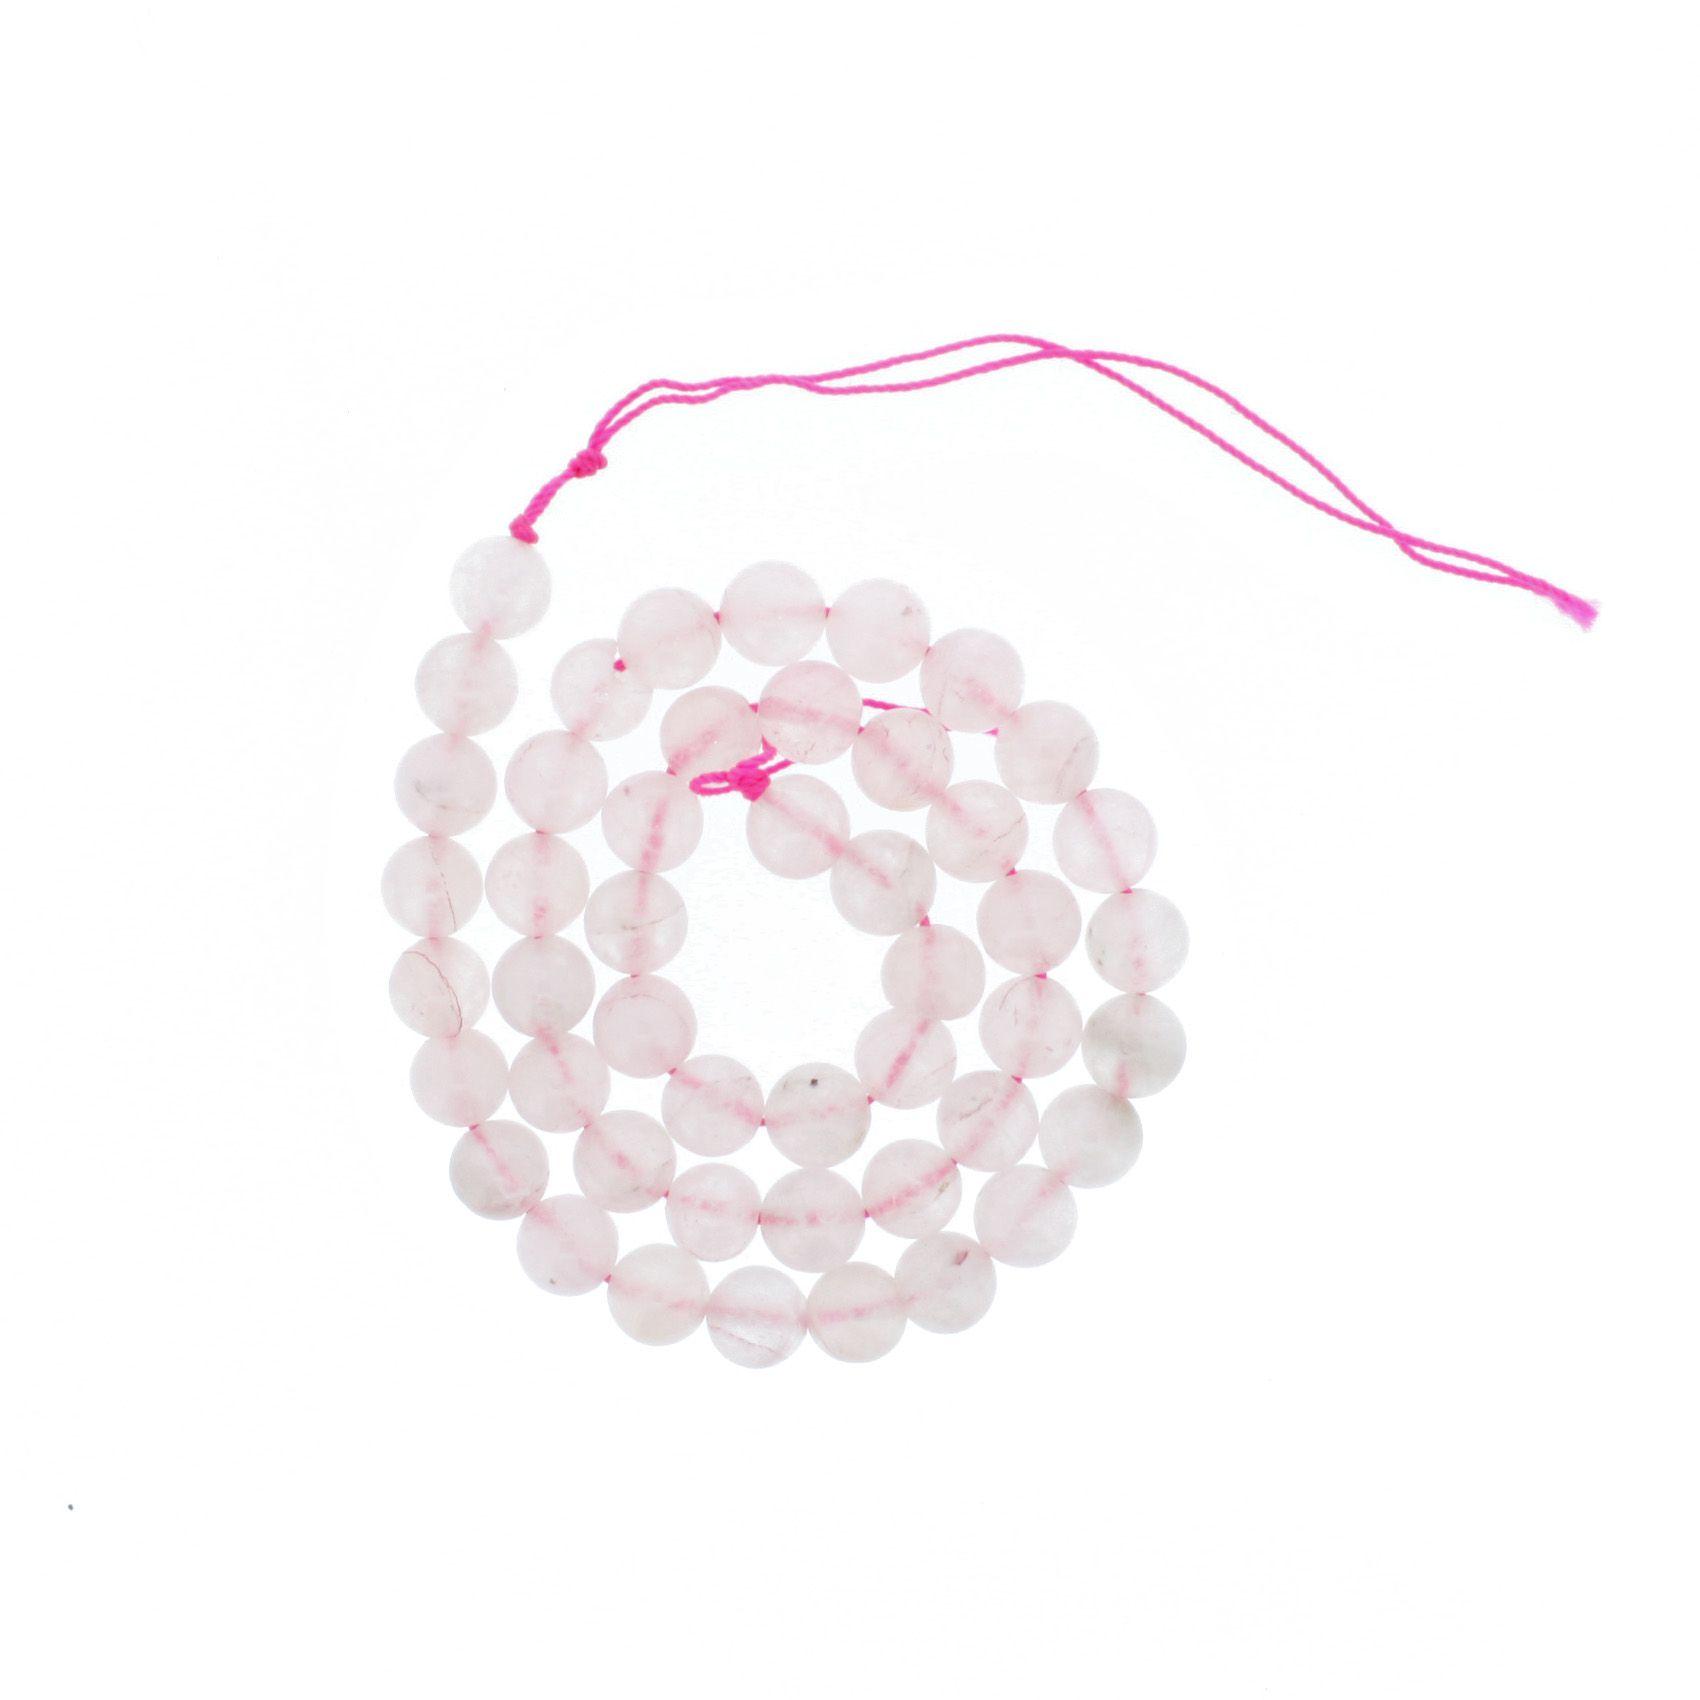 Fio de Pedra - Quartzo Rosa - 8mm  - Stéphanie Bijoux® - Peças para Bijuterias e Artesanato